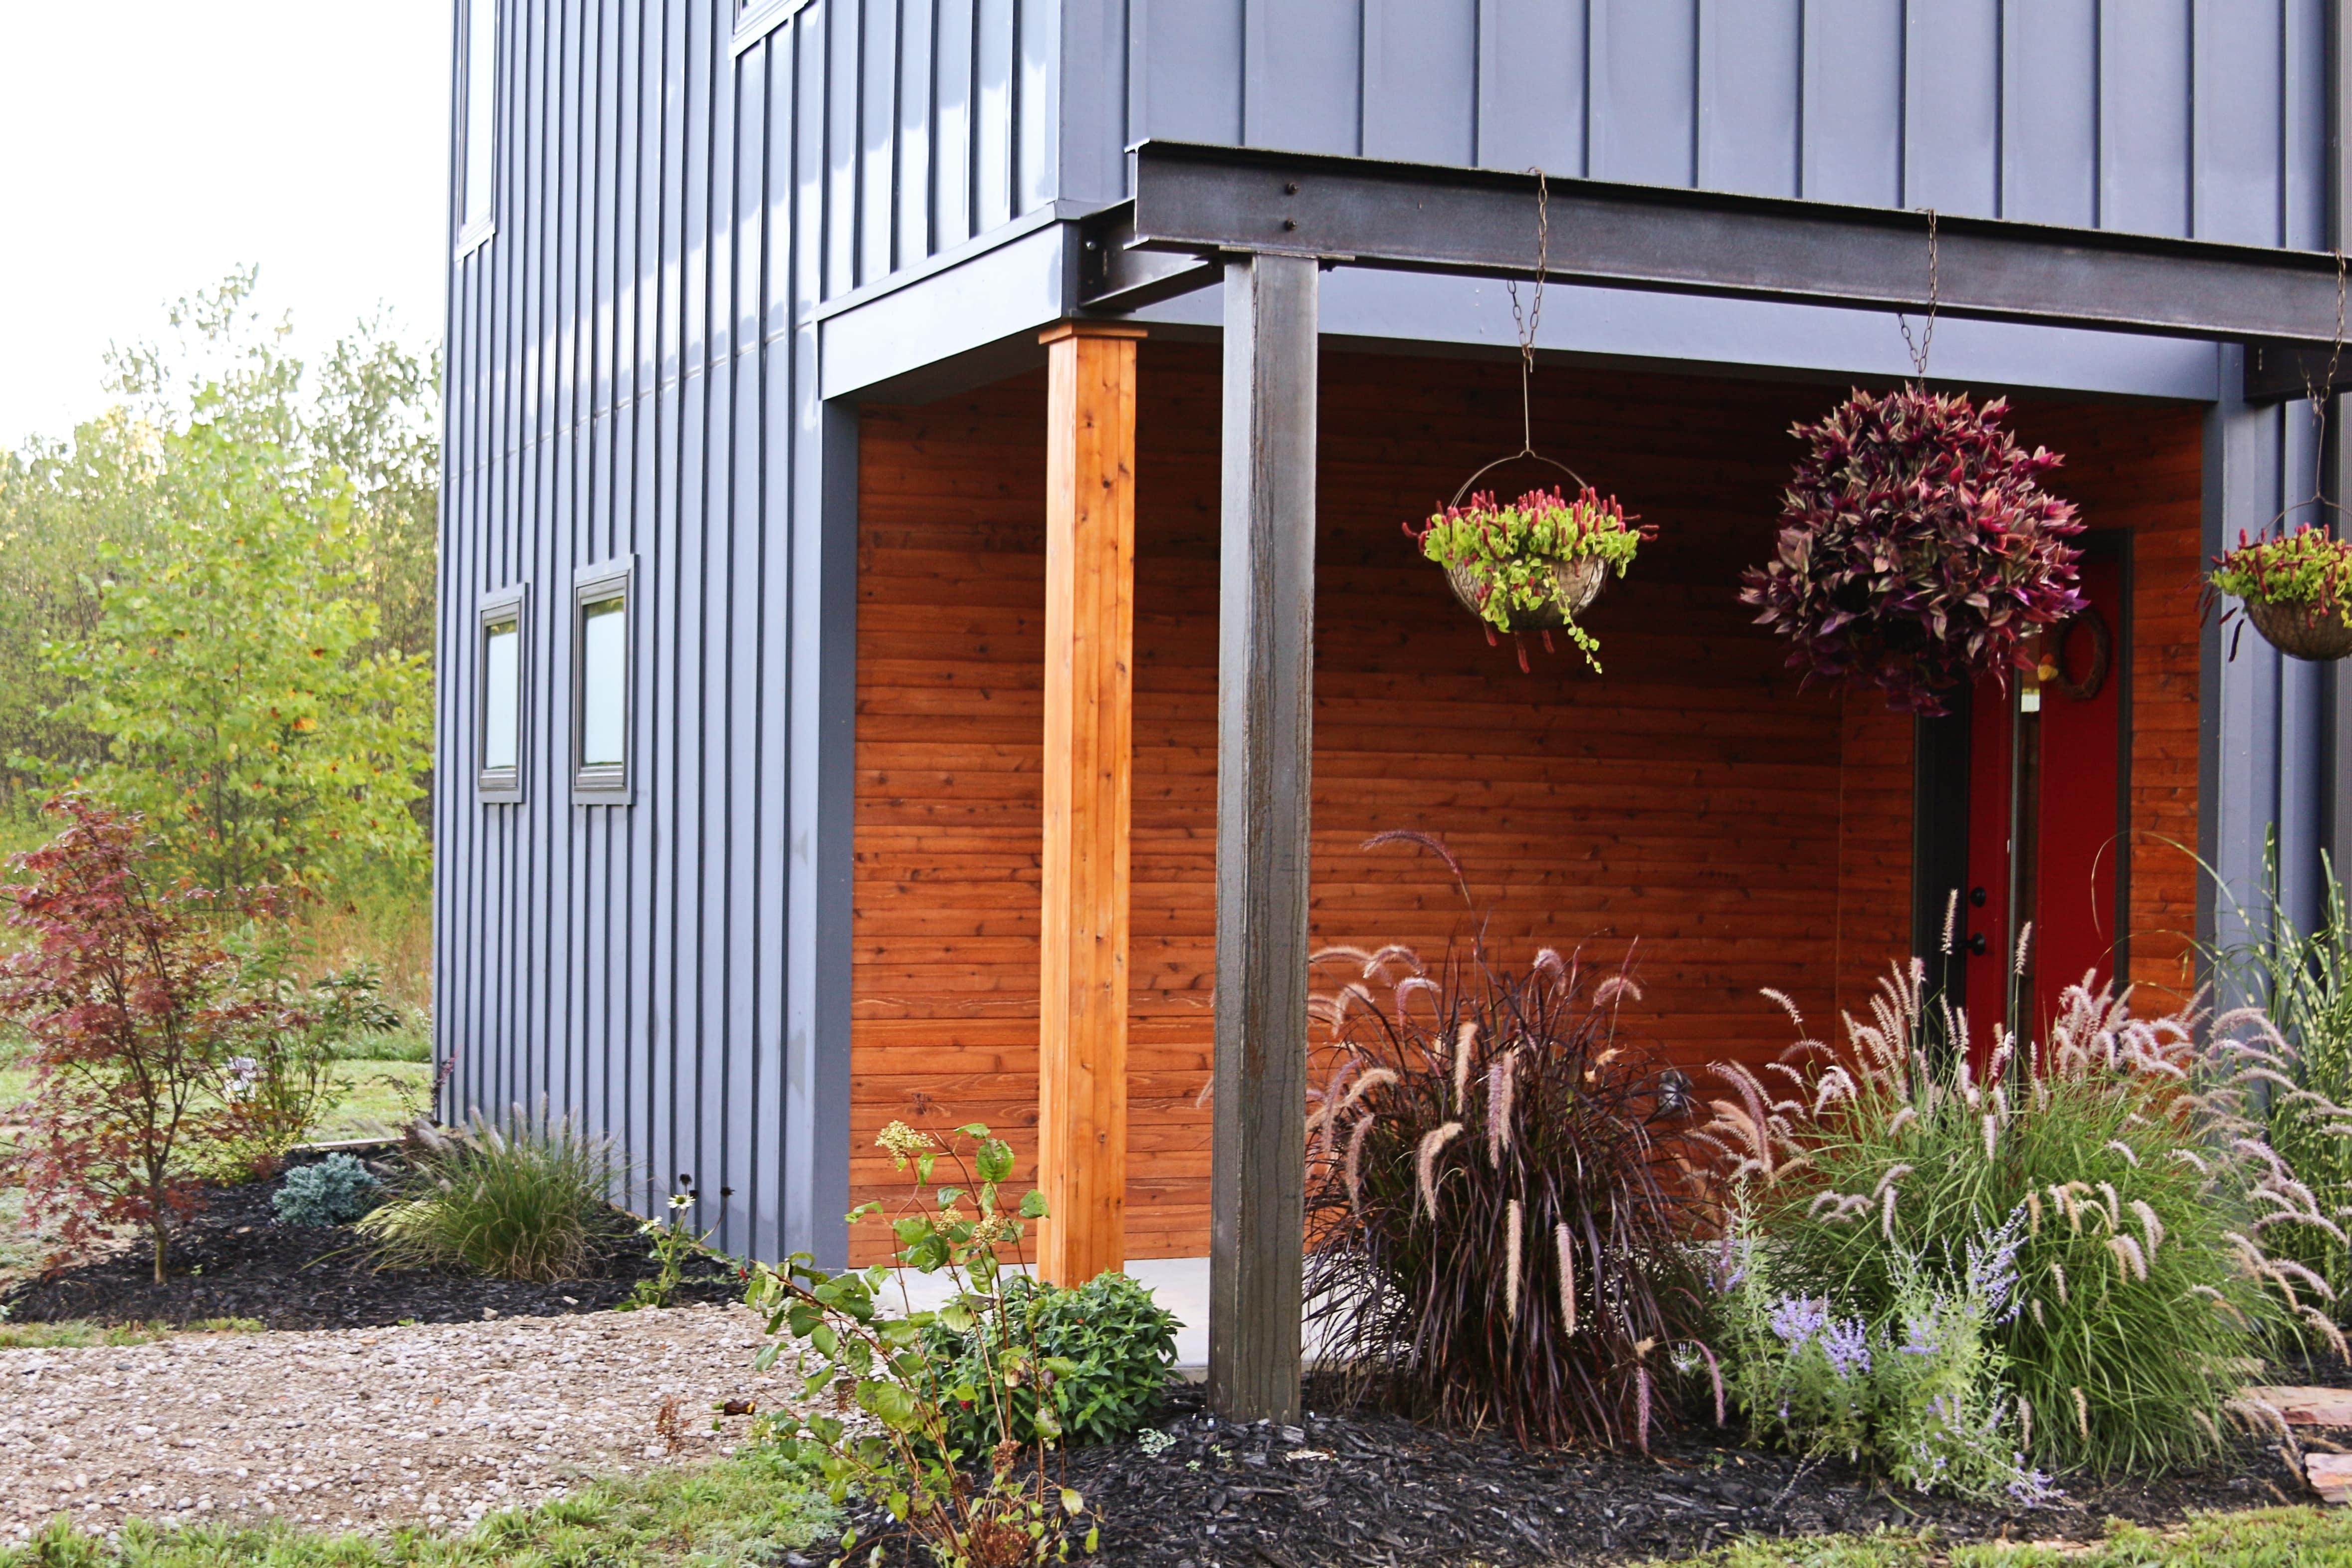 steel-beam-rustic-entrance